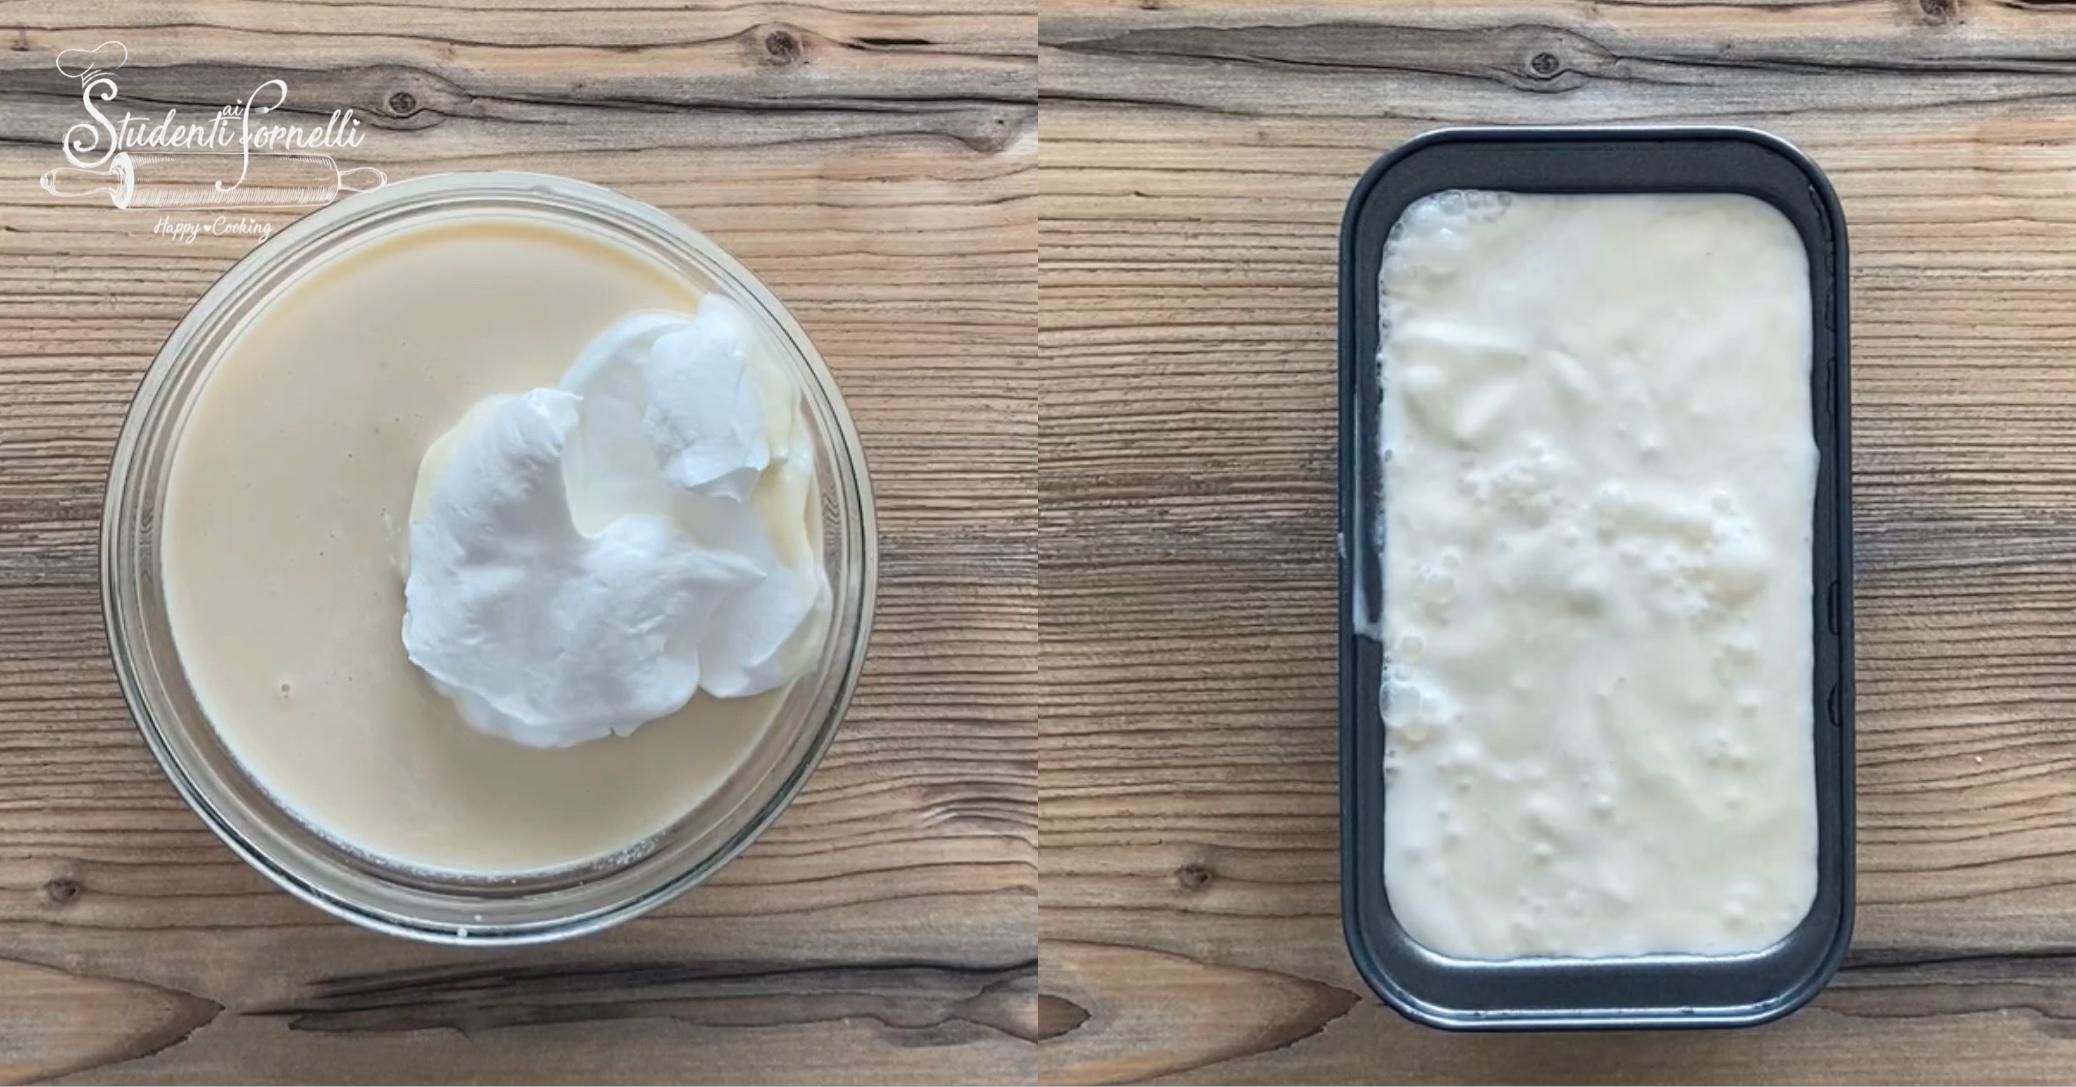 gelato alla mandorla fatto in casa 2